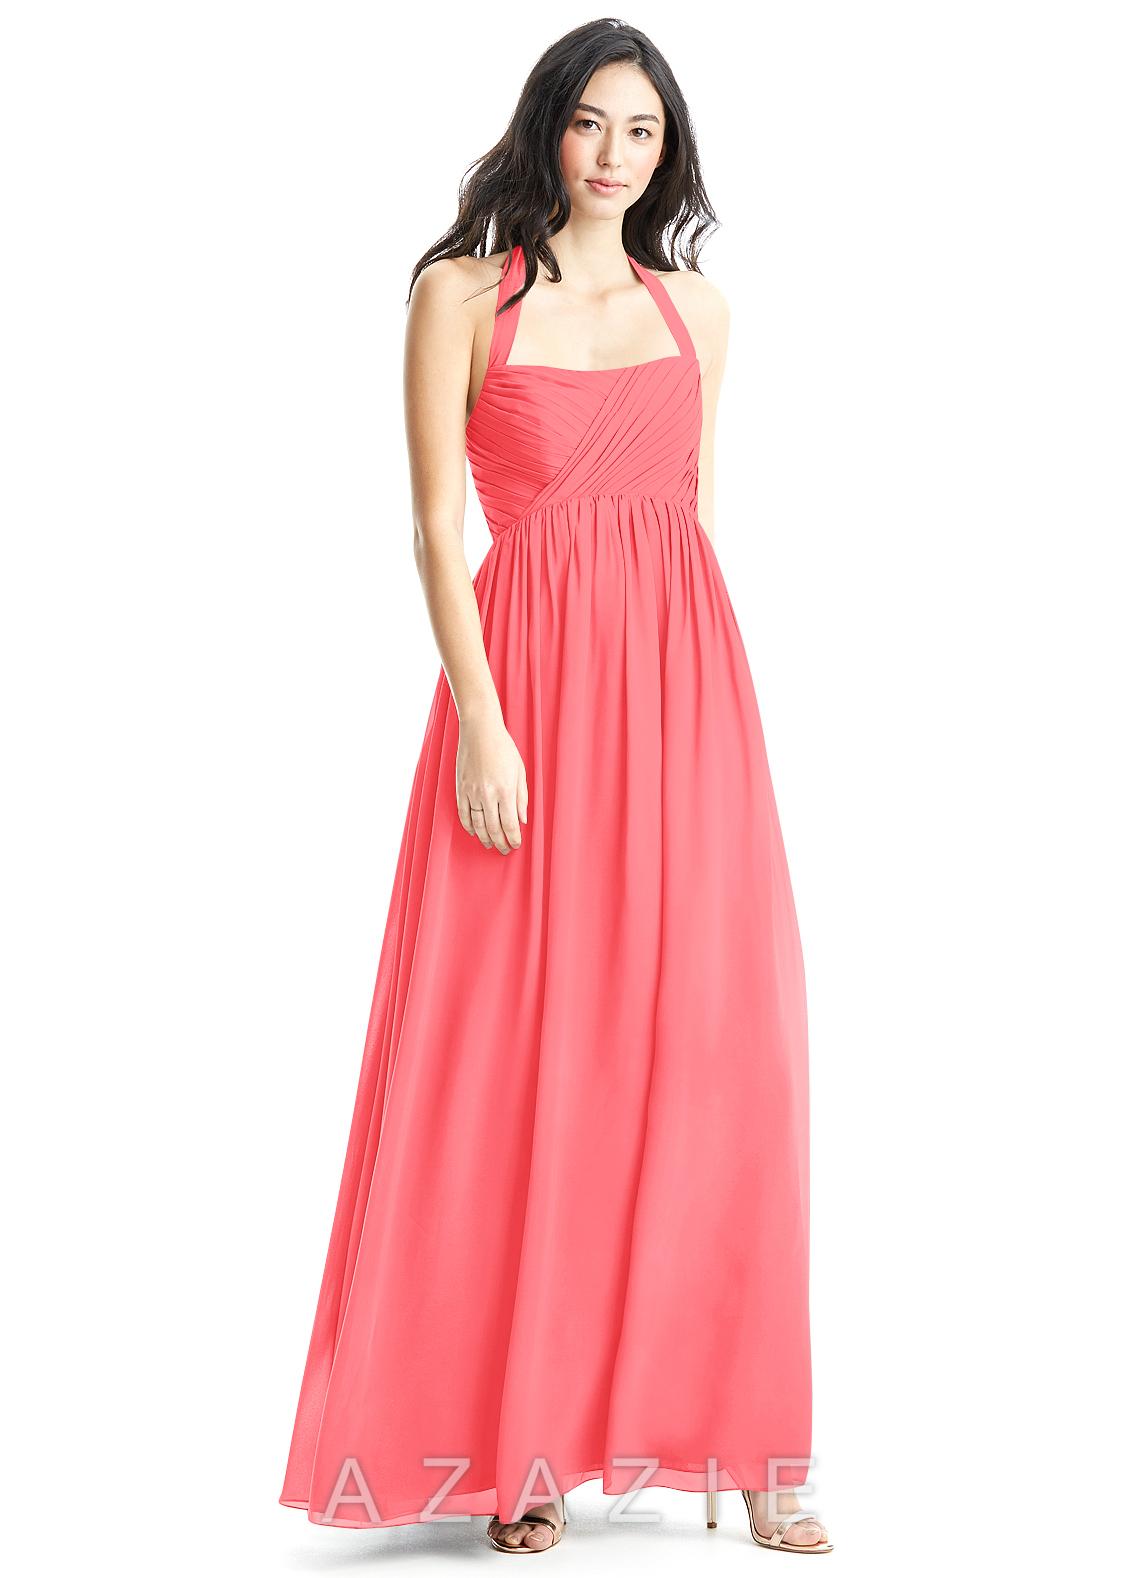 d2619f7b809 Azazie Francesca Bridesmaid Dresses